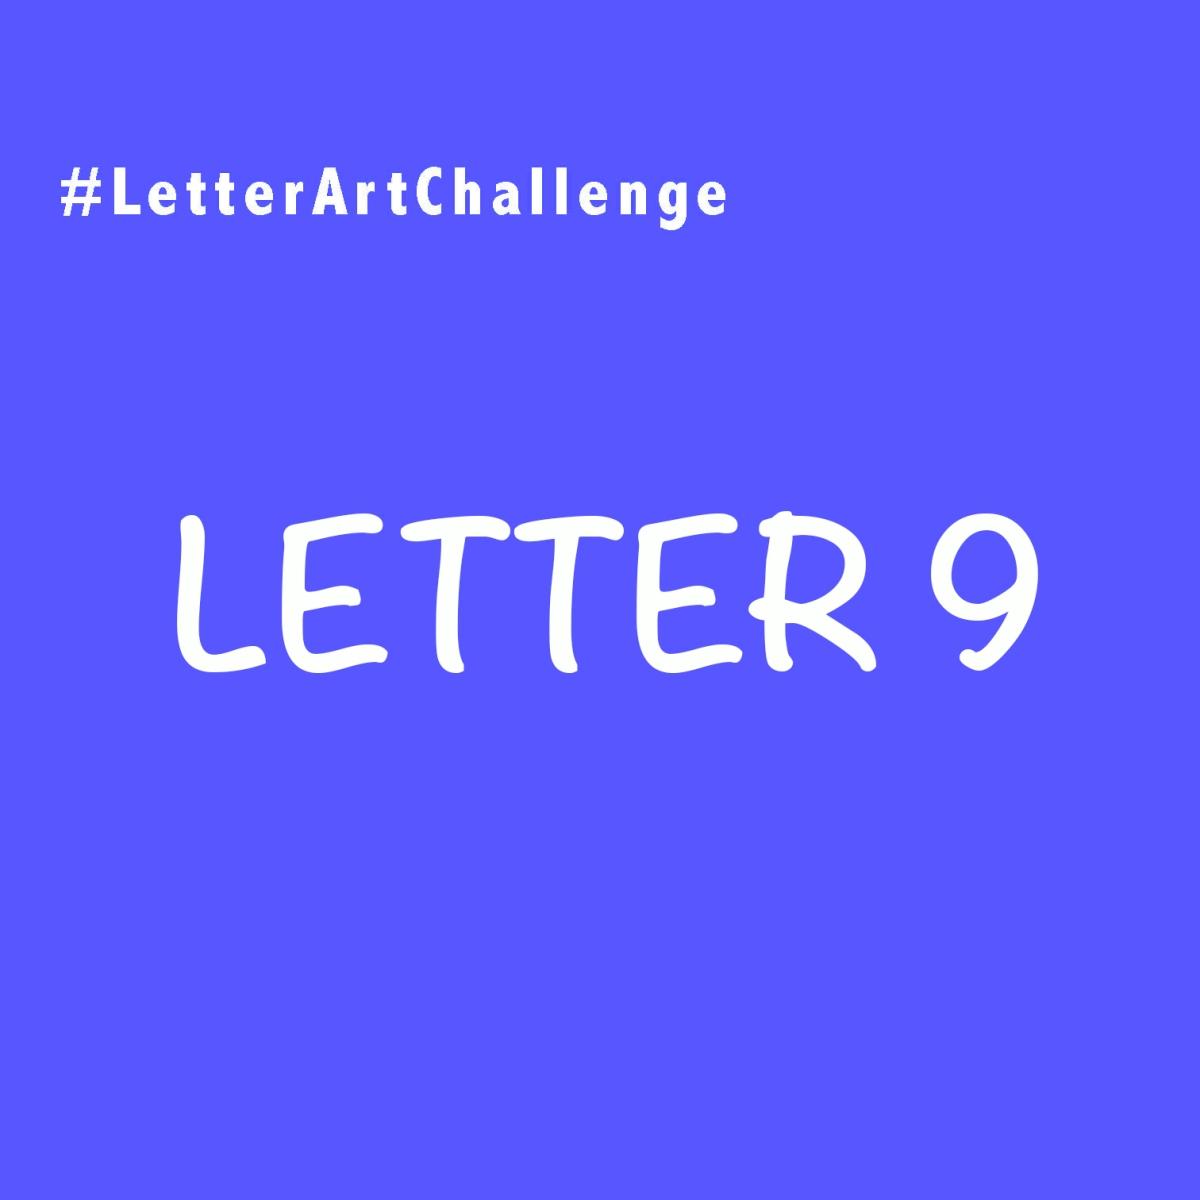 Letter Art Challenge - Letter 9